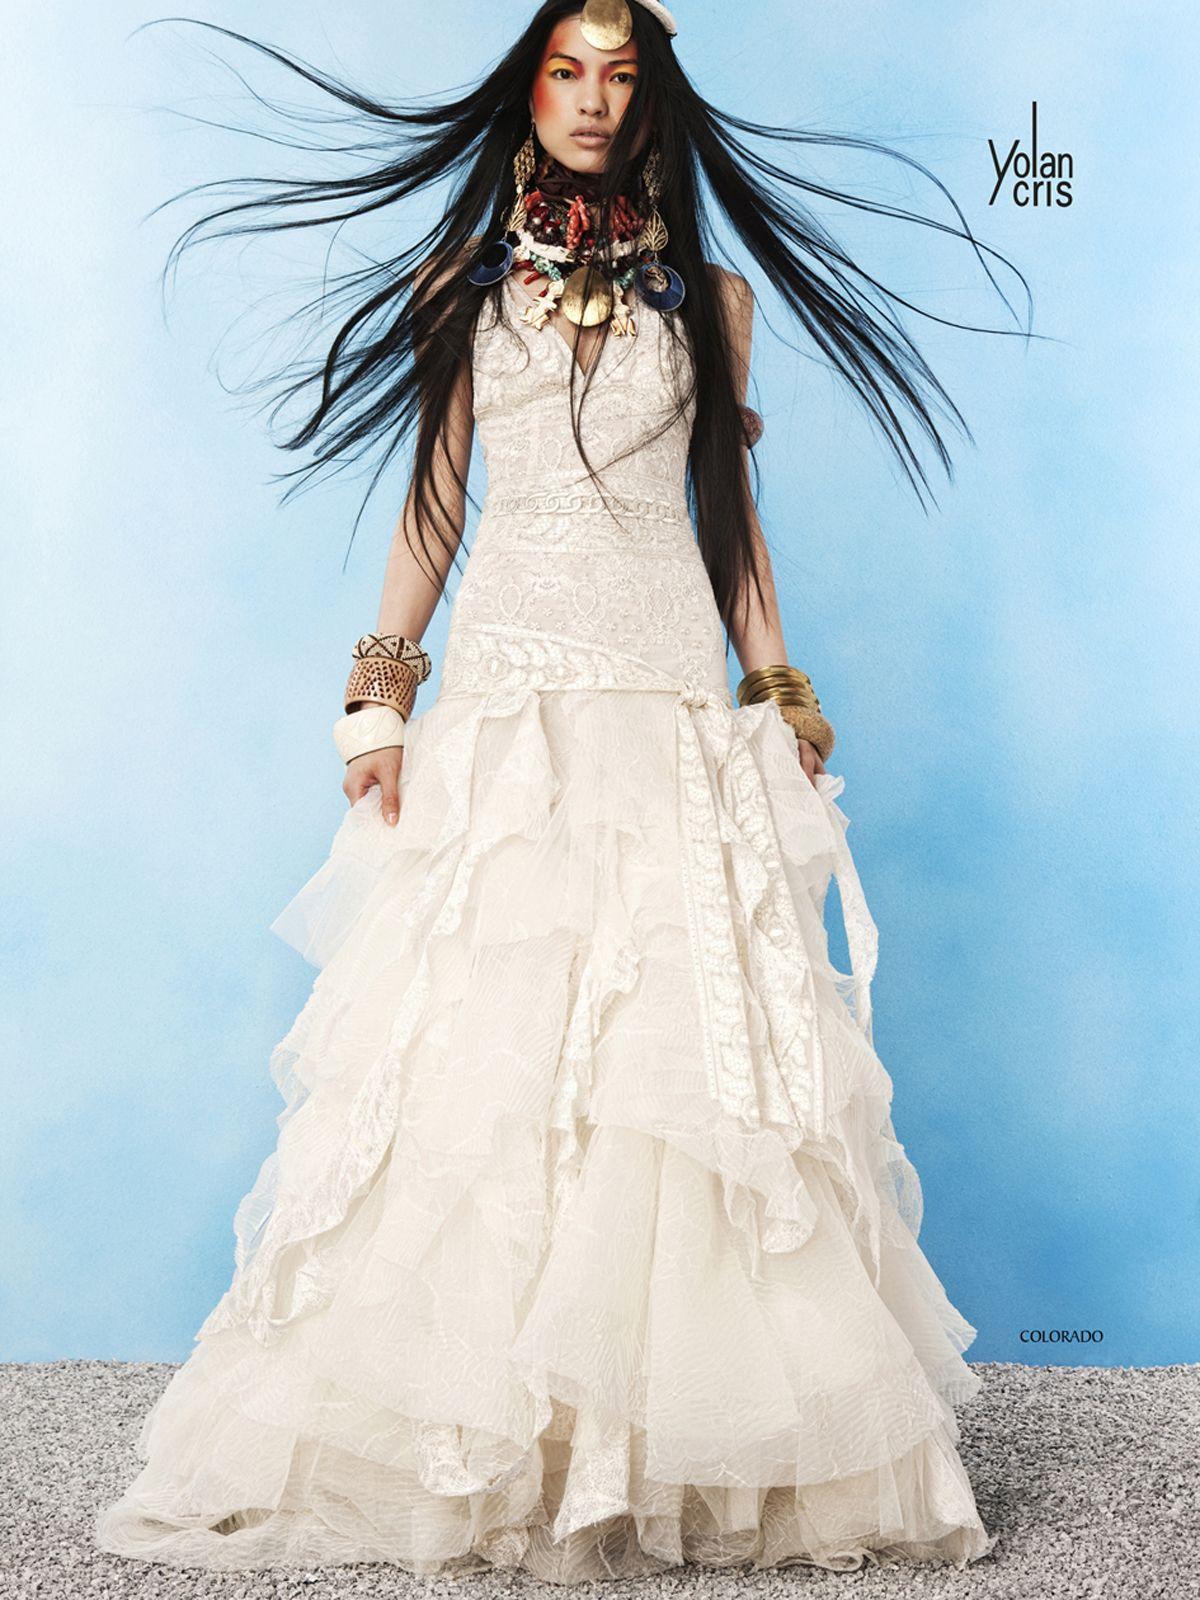 6094cadab3 Vestidos novia yolancris outlet – Los vestidos de noche son ...